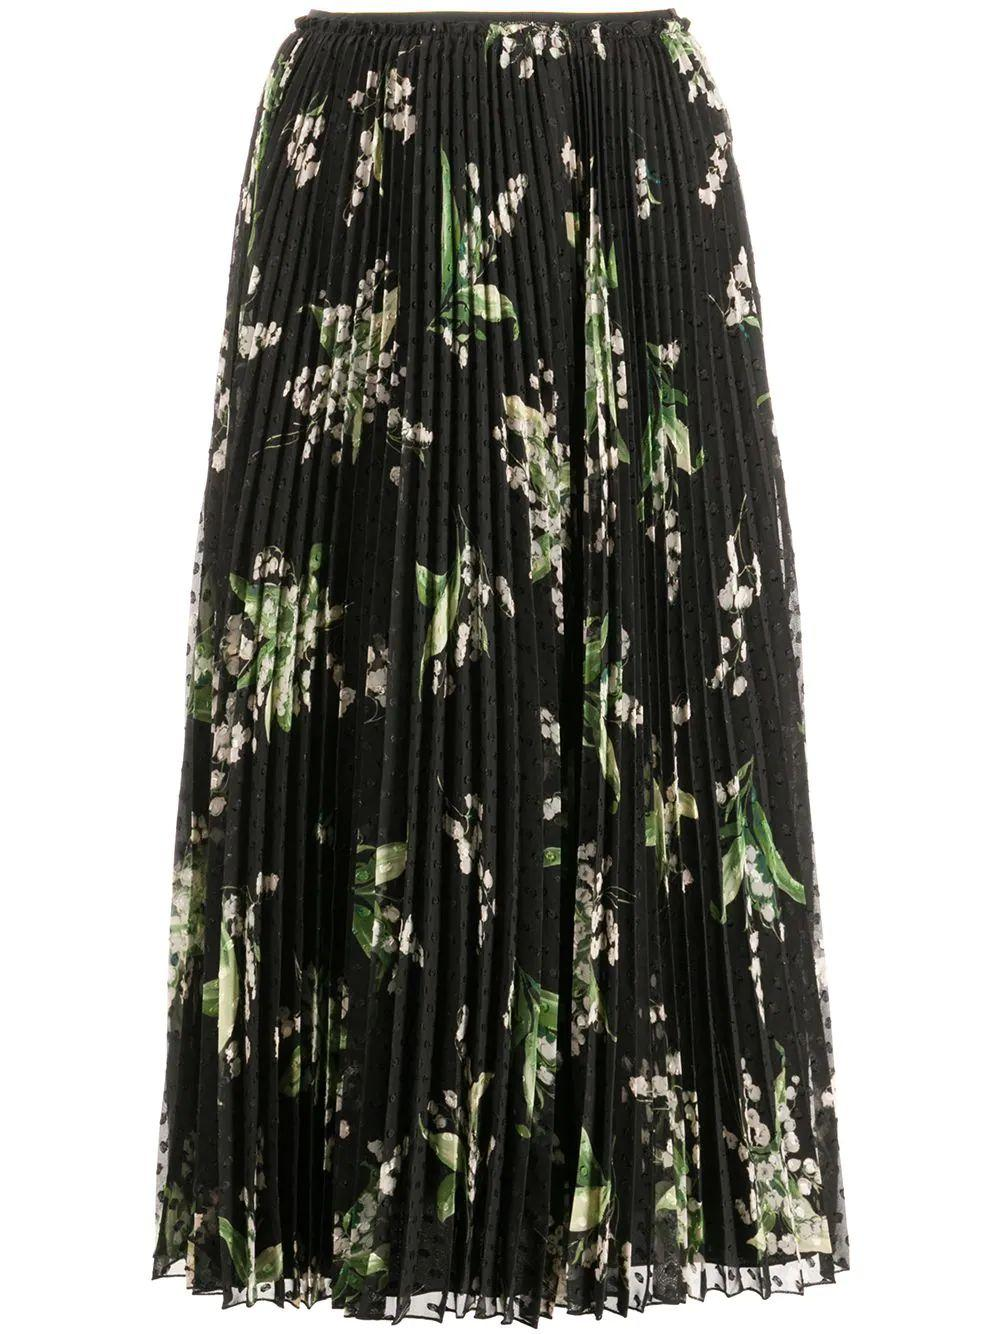 Floral Pleated Midi Skirt Item # VR3RAC205LV